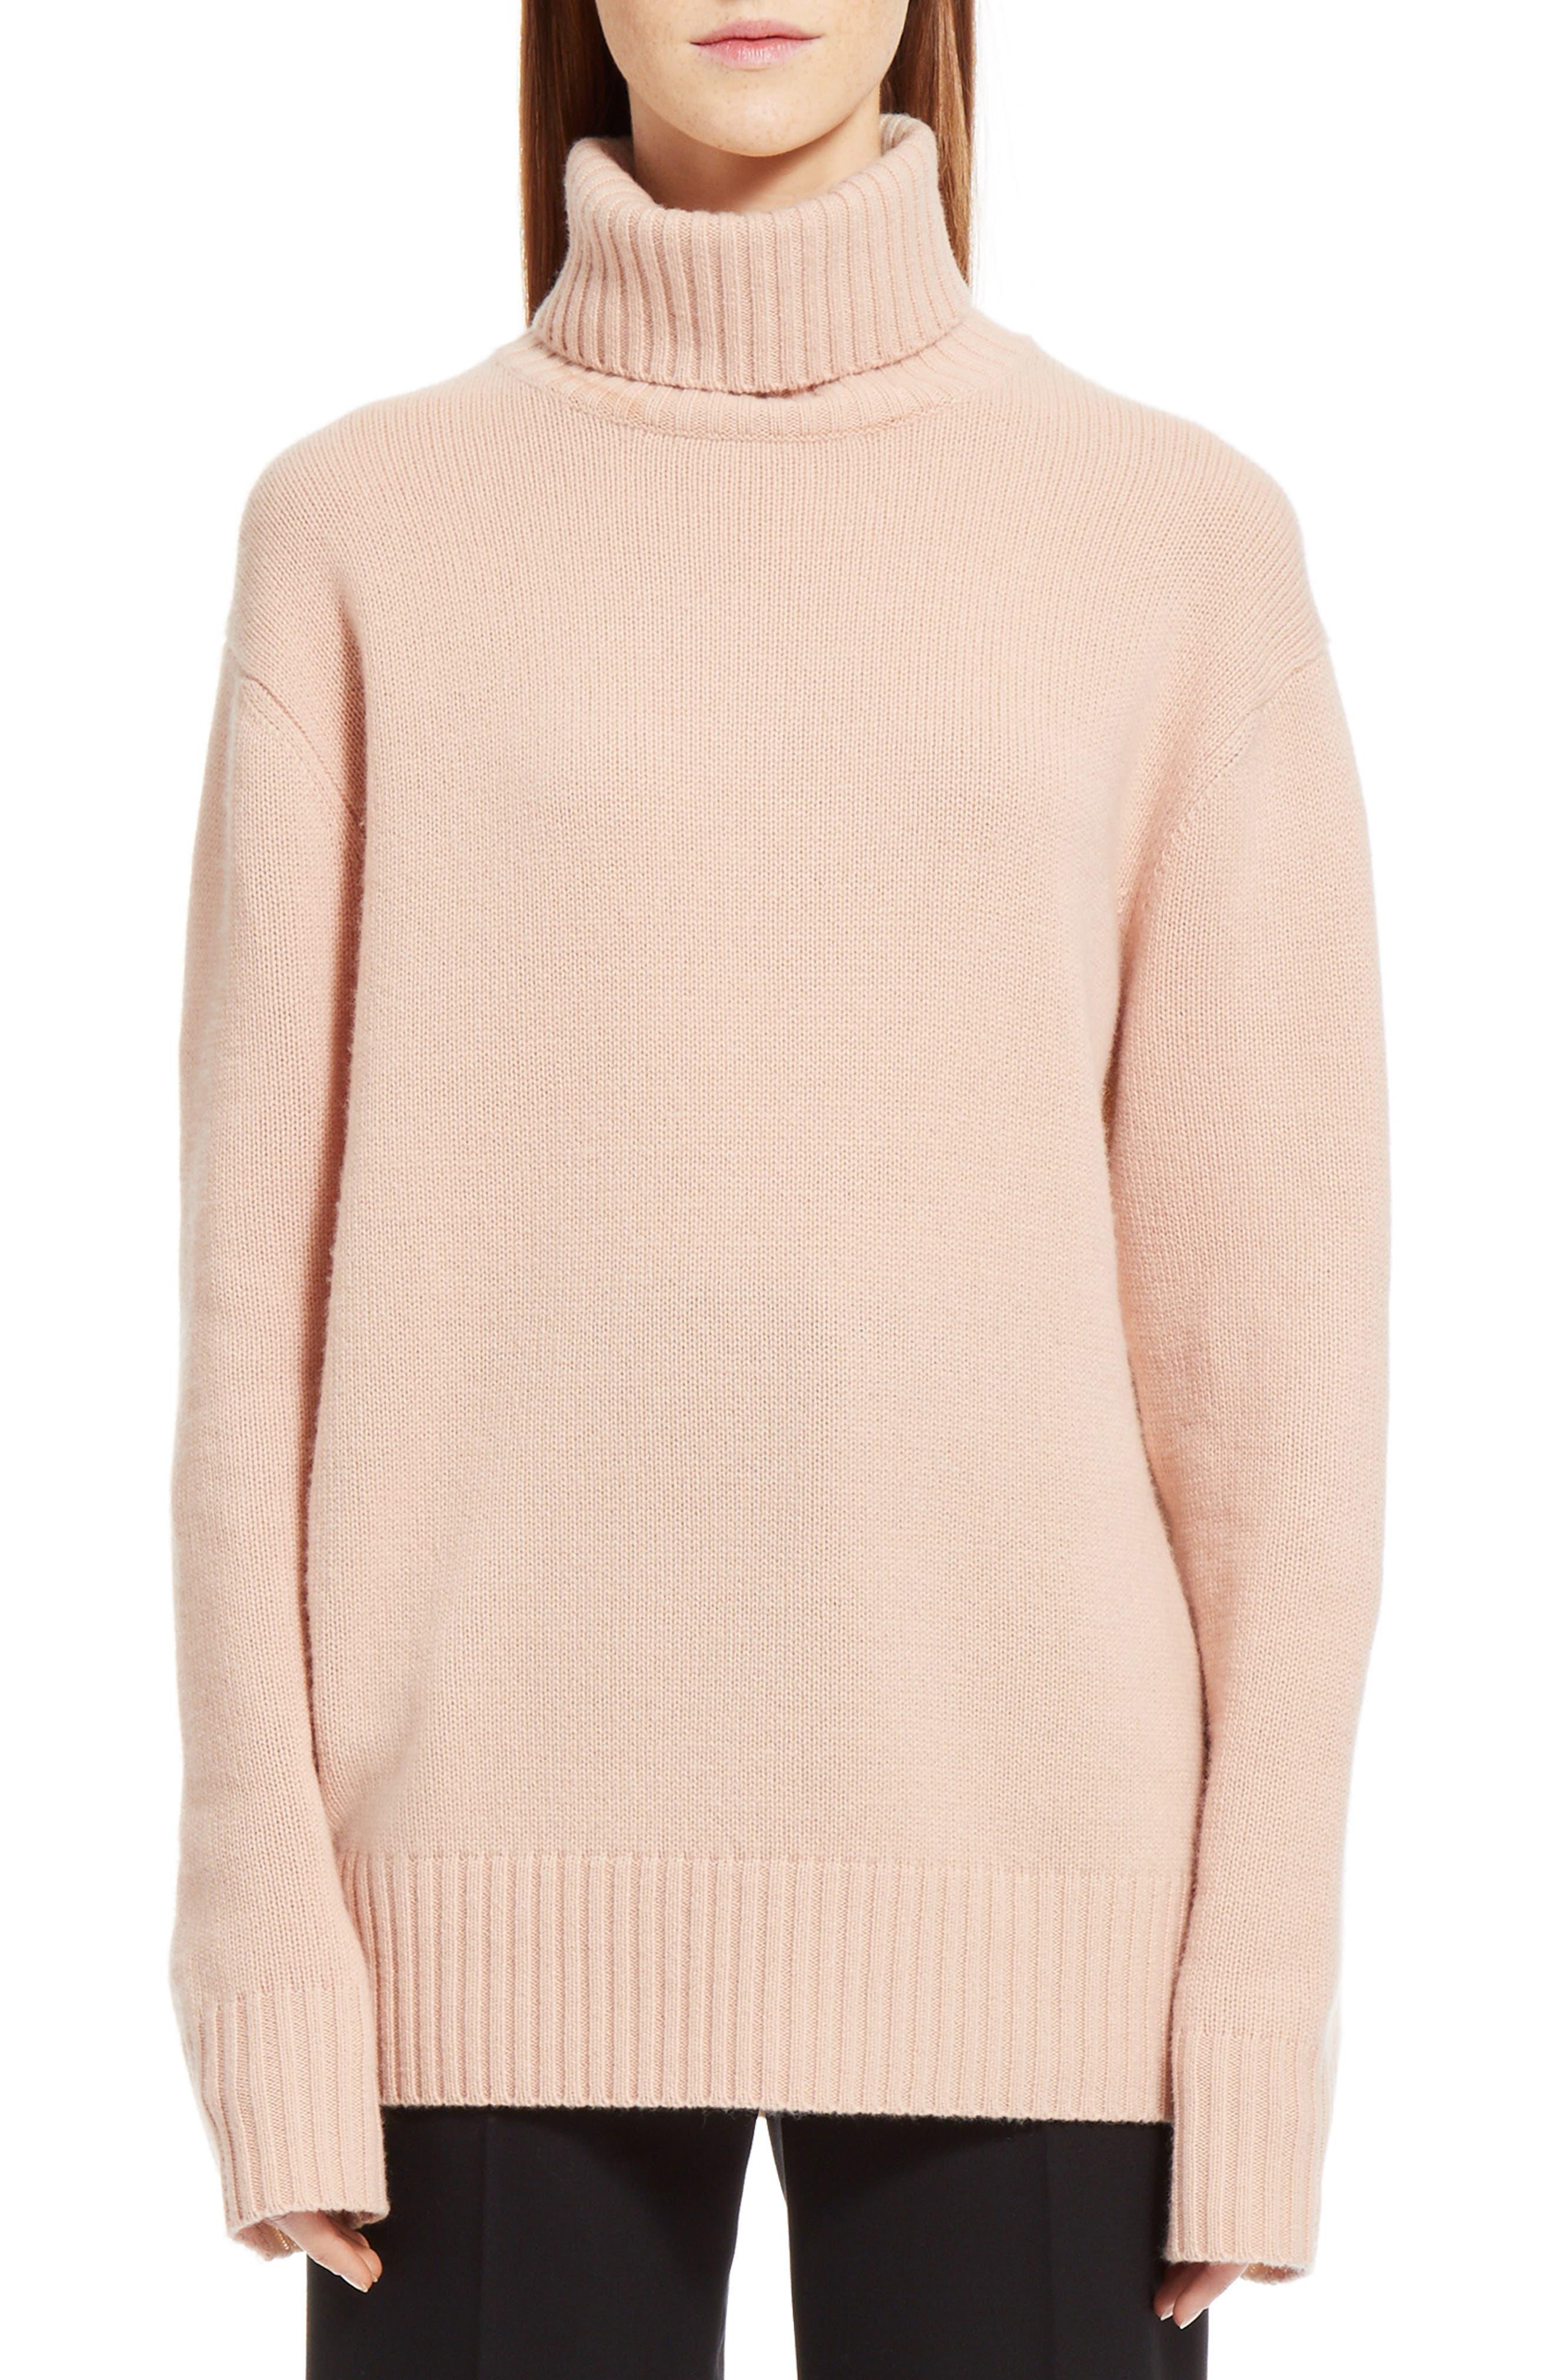 Main Image - Chloé Colorblock Cashmere Turtleneck Sweater